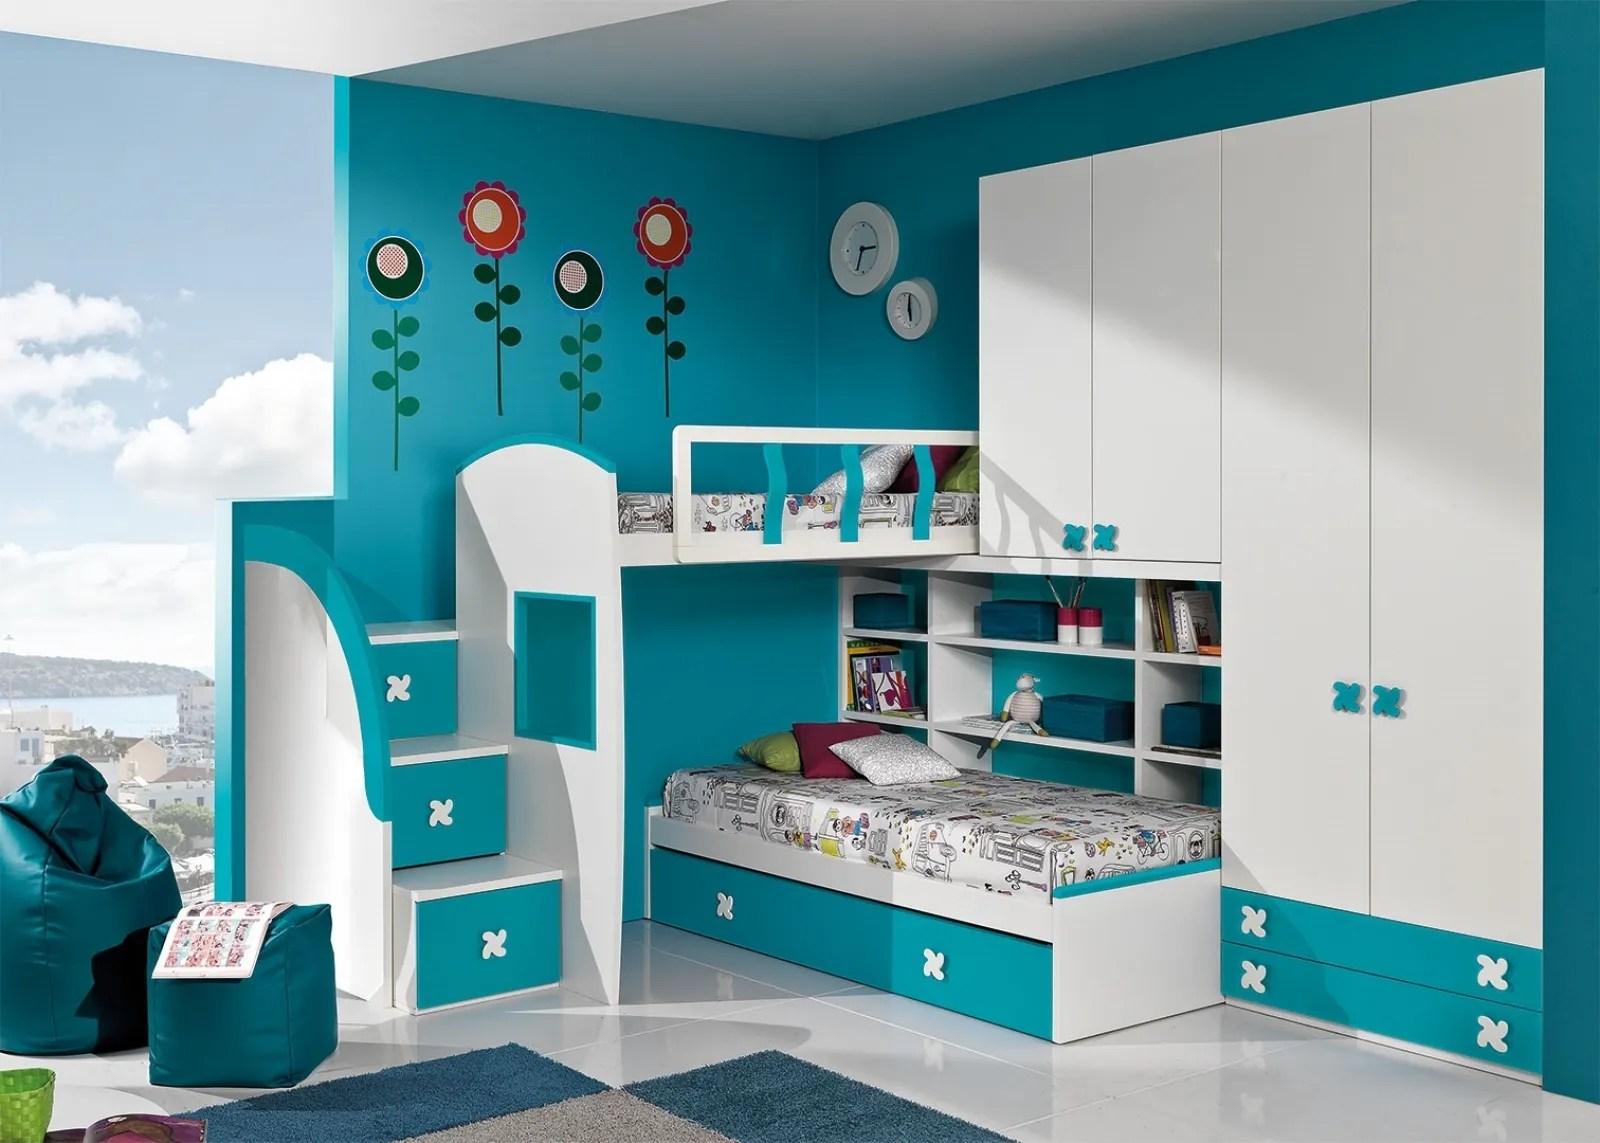 giessegi presenta le migliori proposte di mobili a prezzi scontati, mix di praticità e design. Giessegi Camerette Soluzioni Moderne